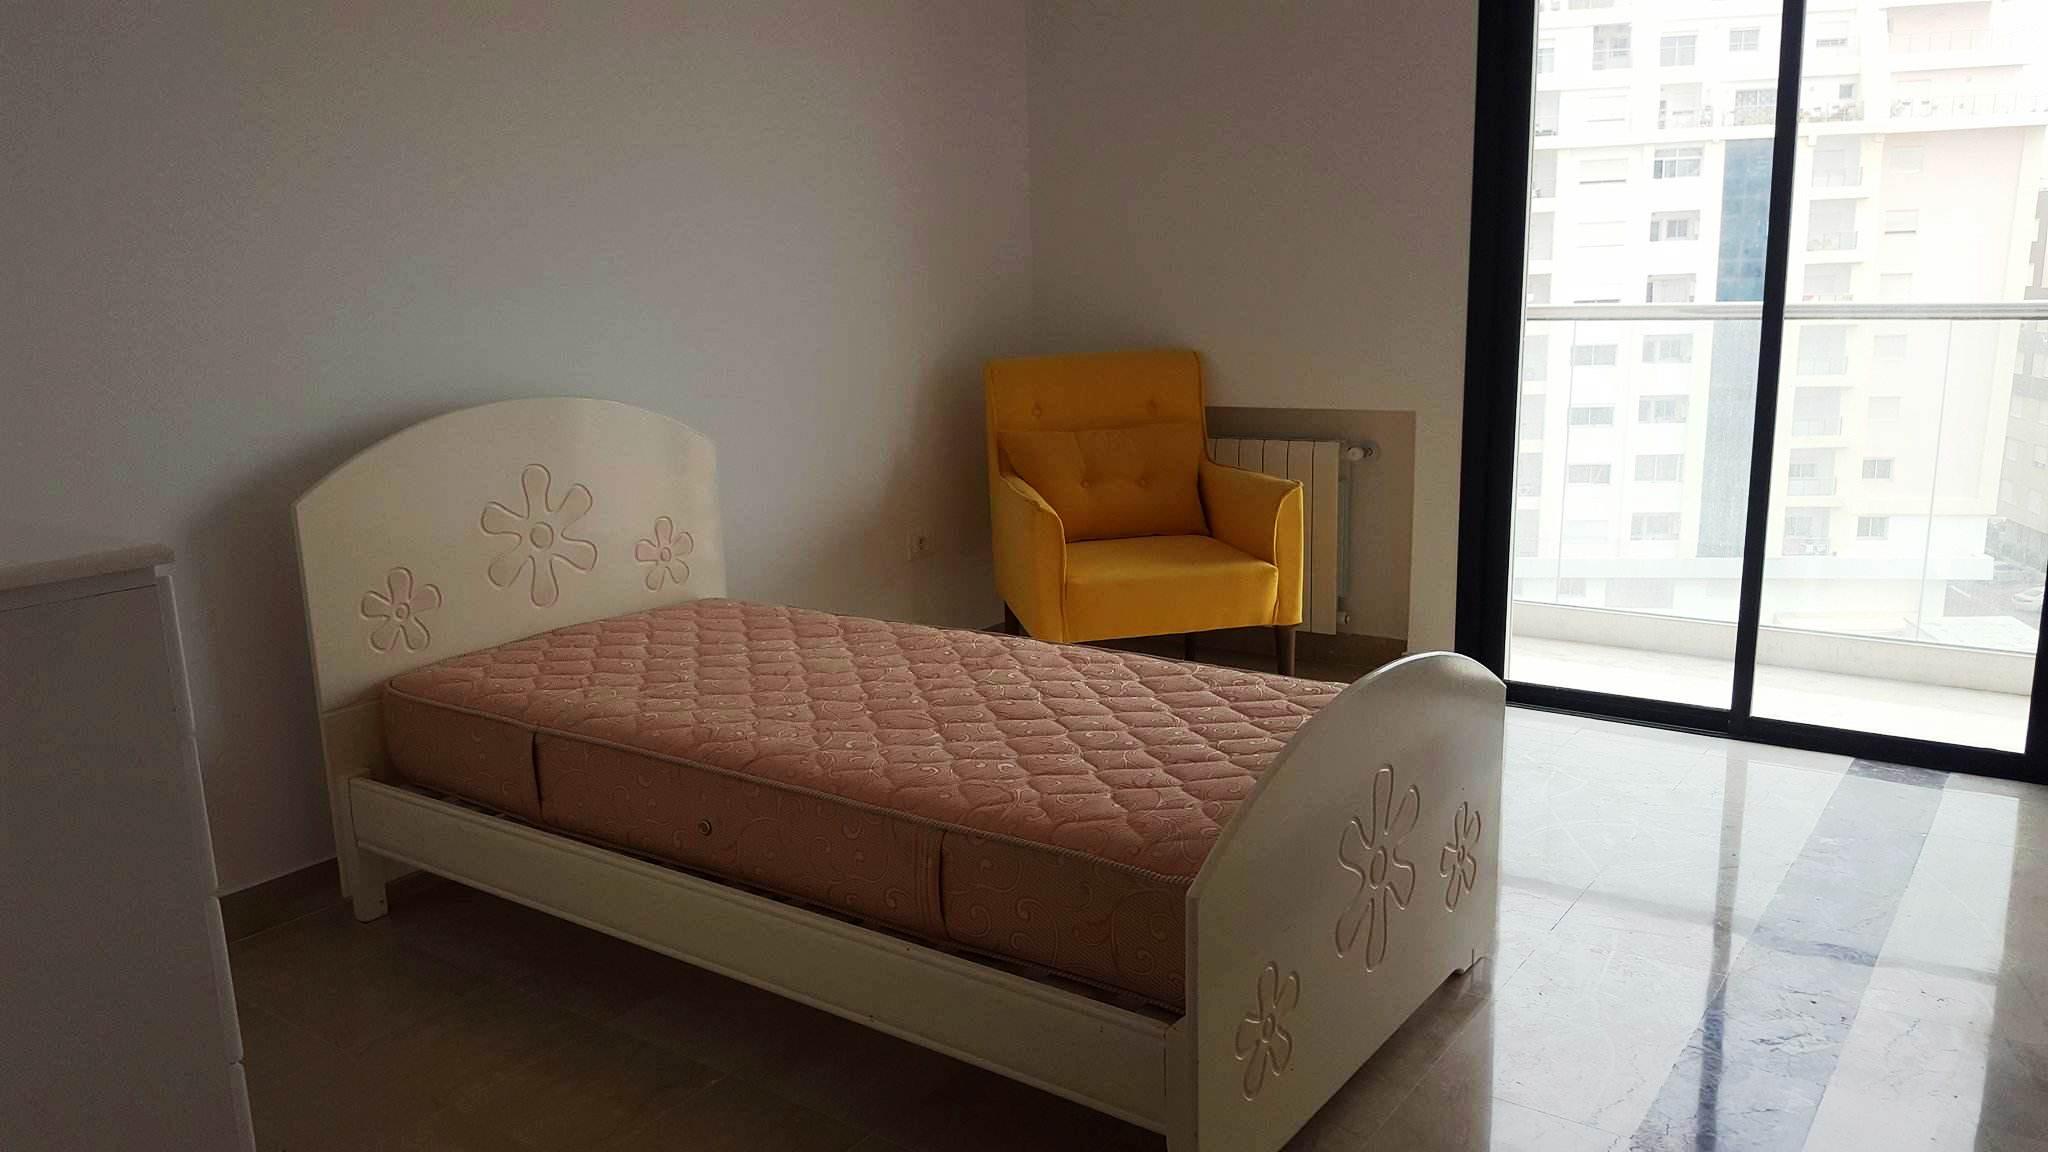 Location un appartement s 2 meubl jamais habit la for Meuble 5 etoiles tunisie ezzahra